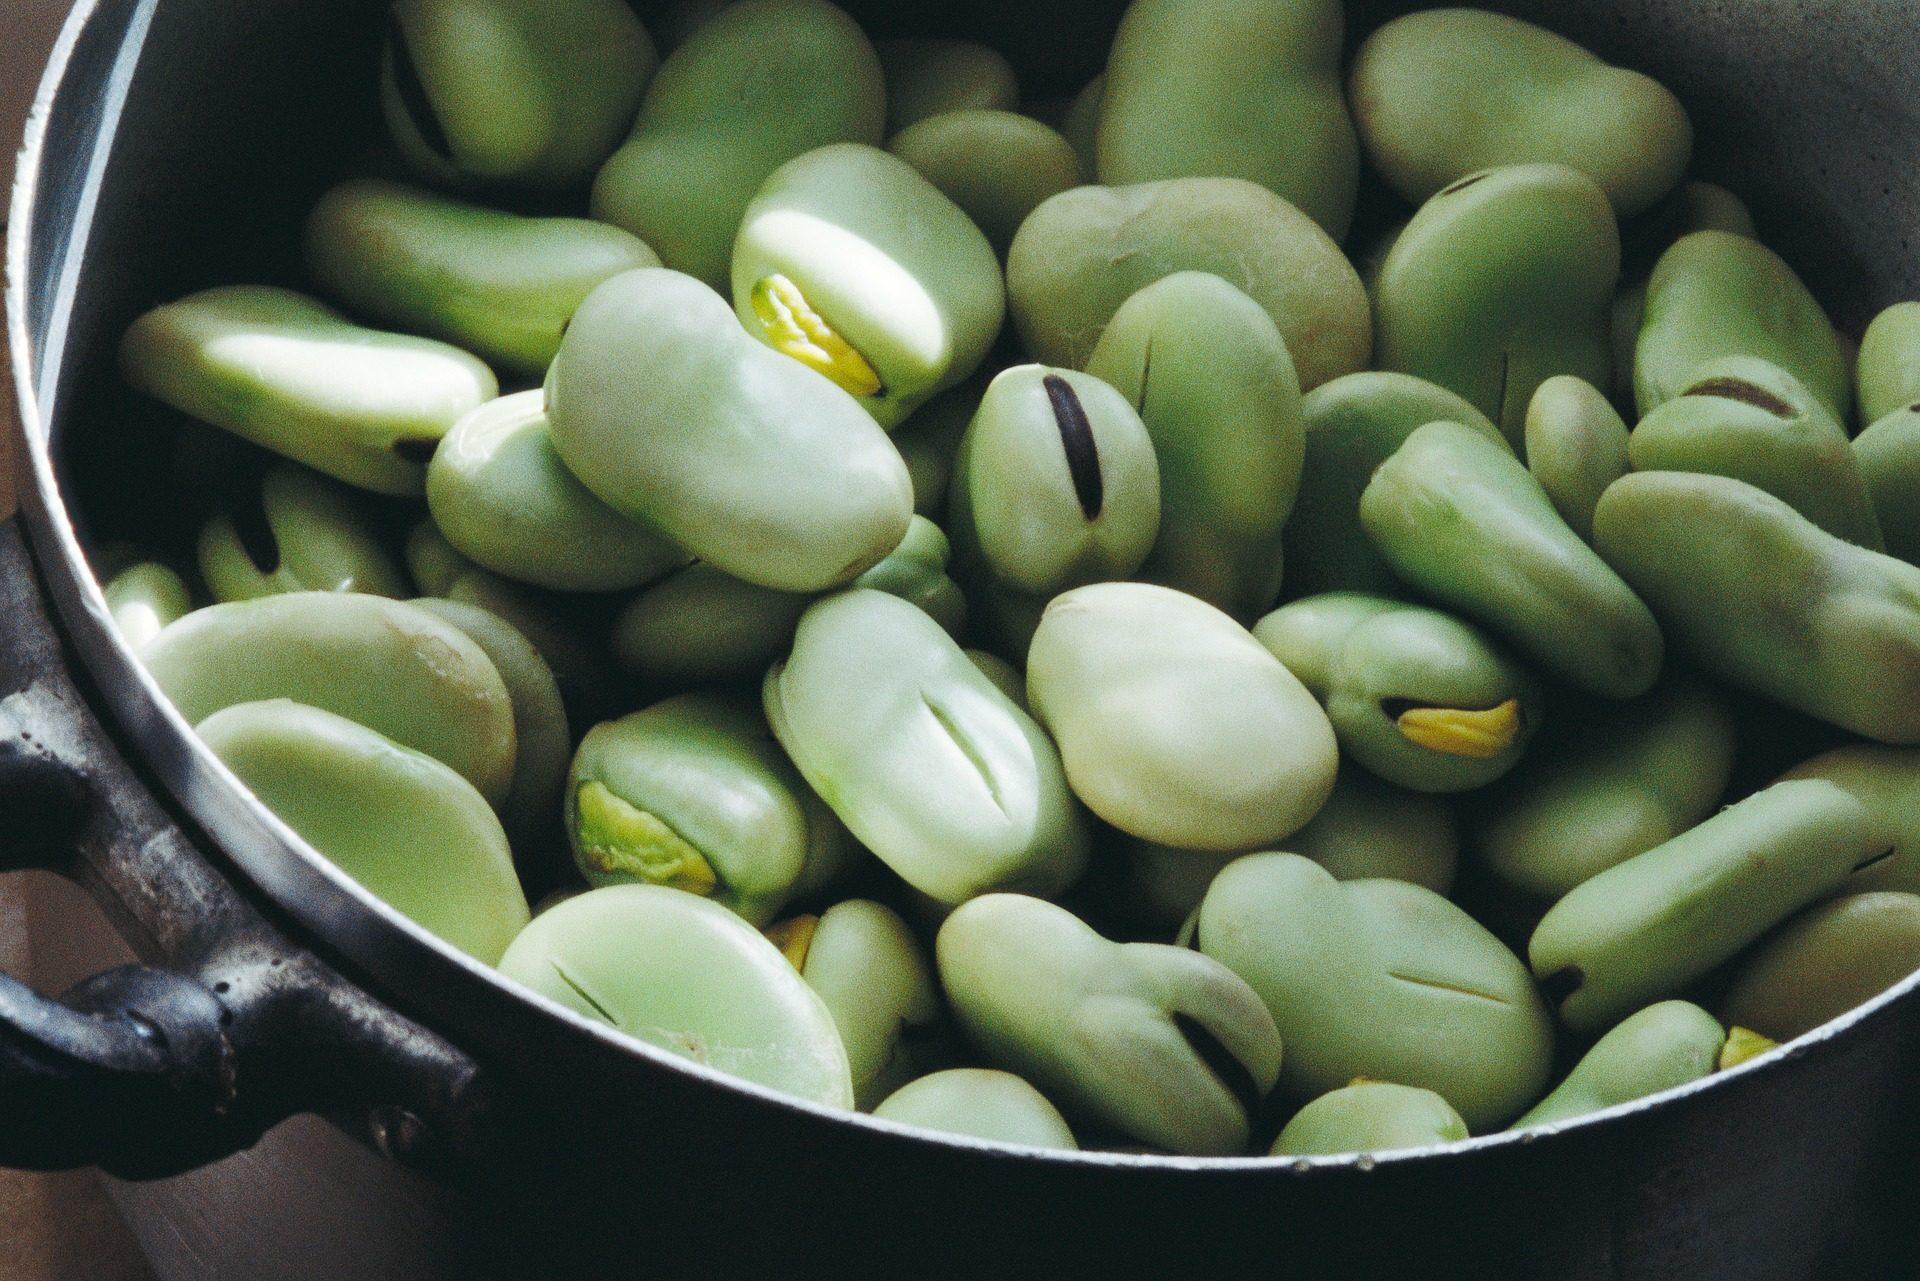 haricots, légume, régime alimentaire, Végétalien, organique - Fonds d'écran HD - Professor-falken.com